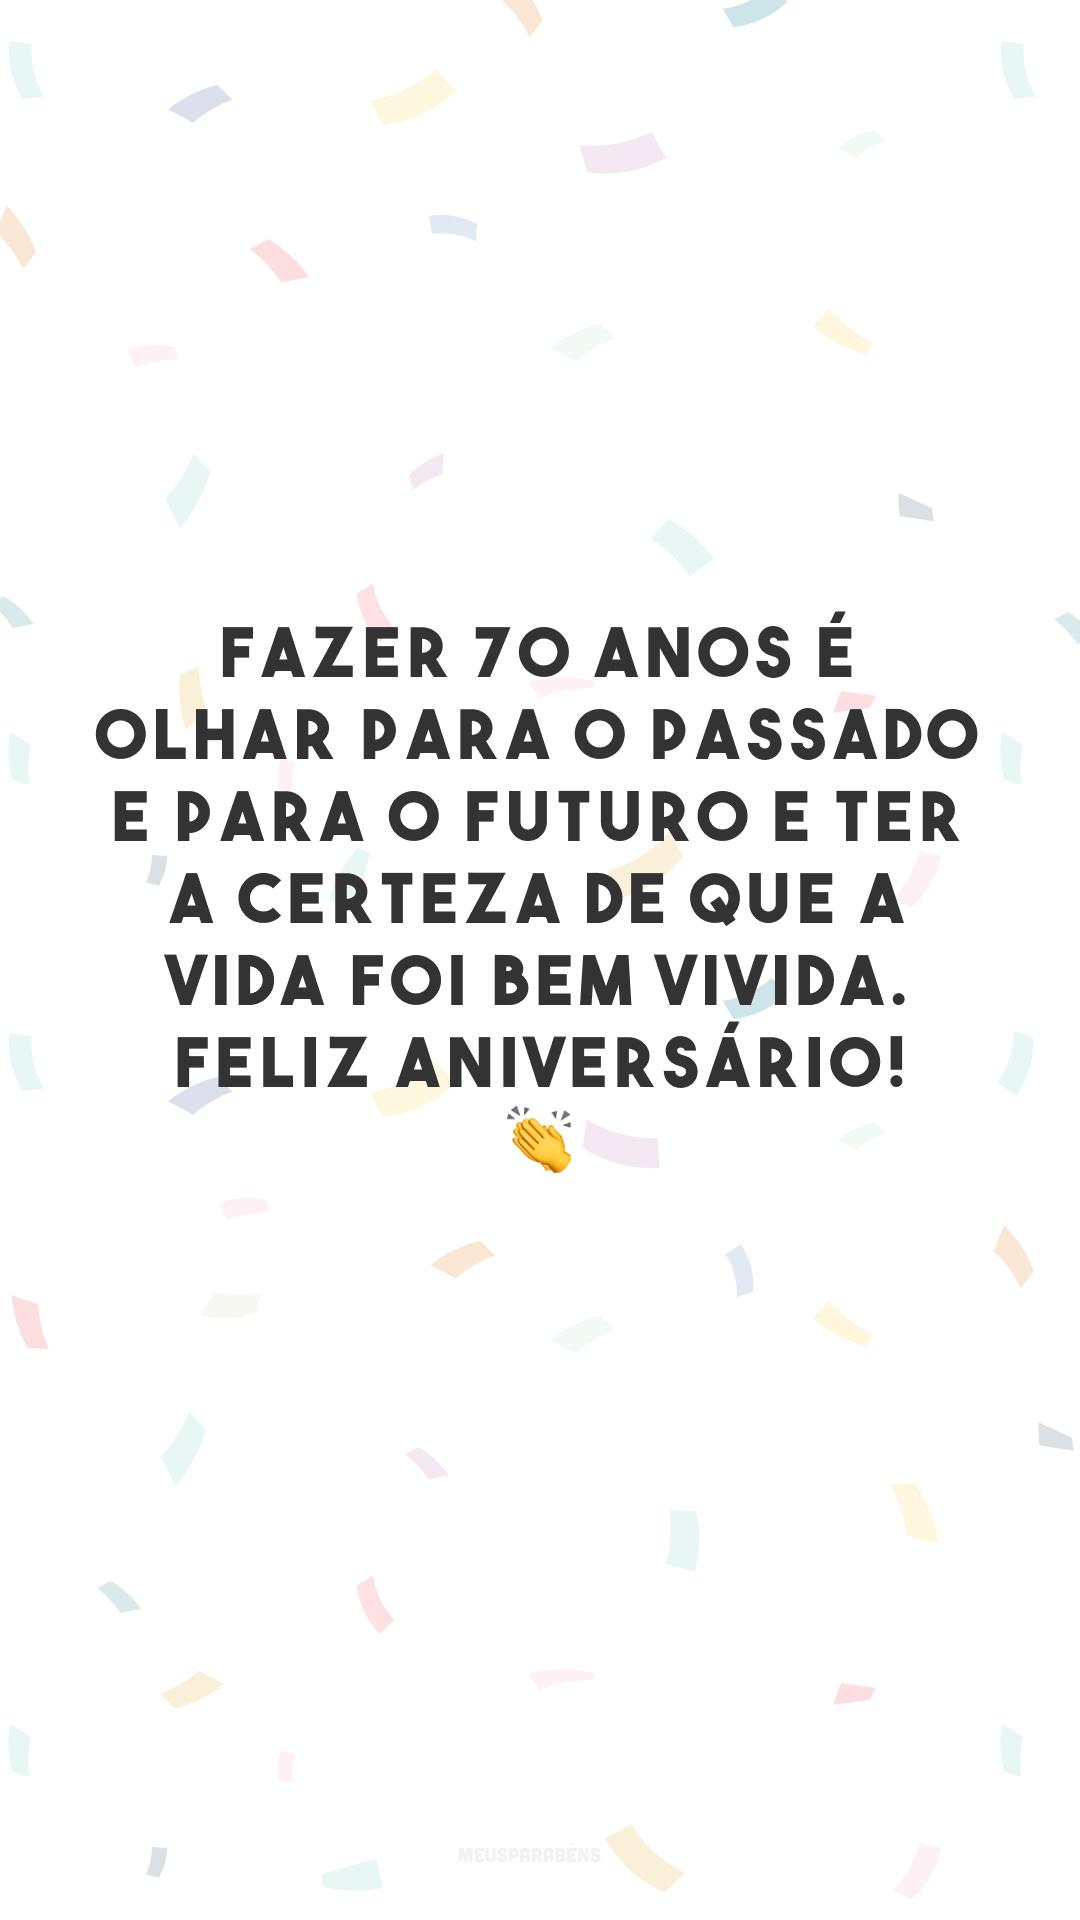 Fazer 70 anos é olhar para o passado e para o futuro e ter a certeza de que a vida foi bem vivida. Feliz aniversário! 👏